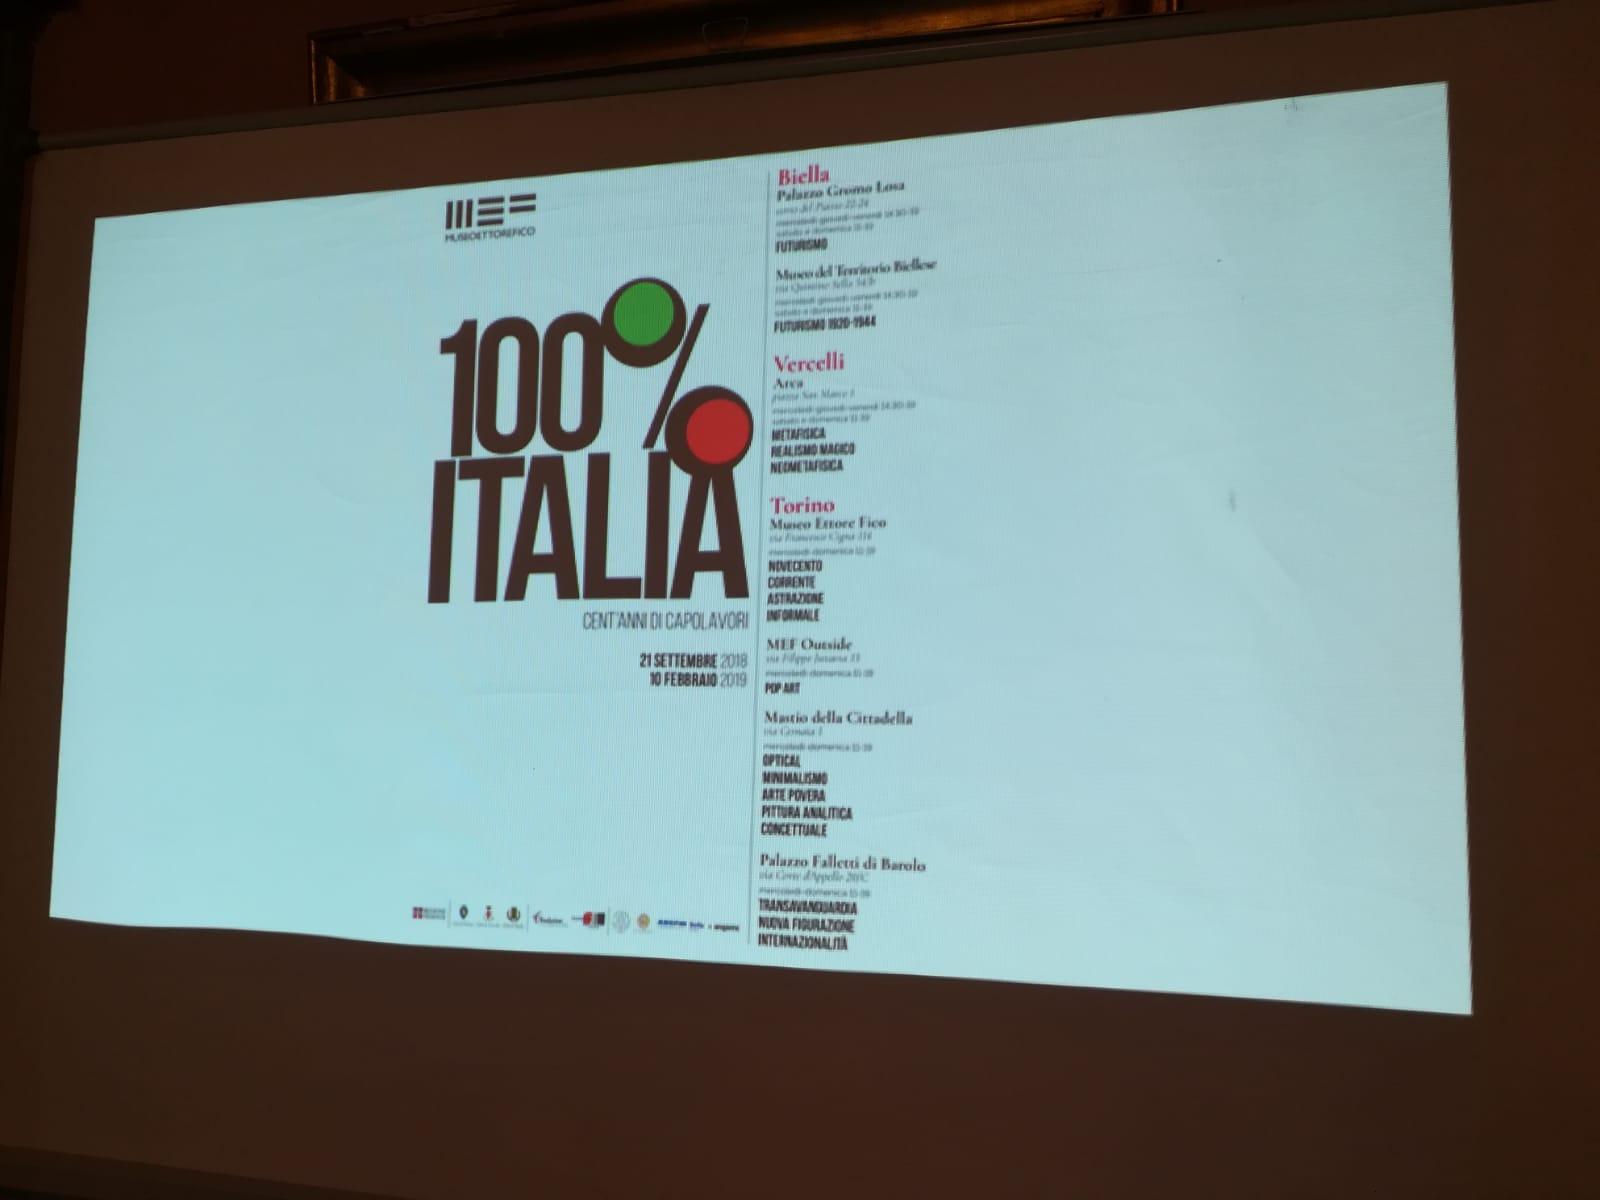 100% Italia - cent'anni di capolavori